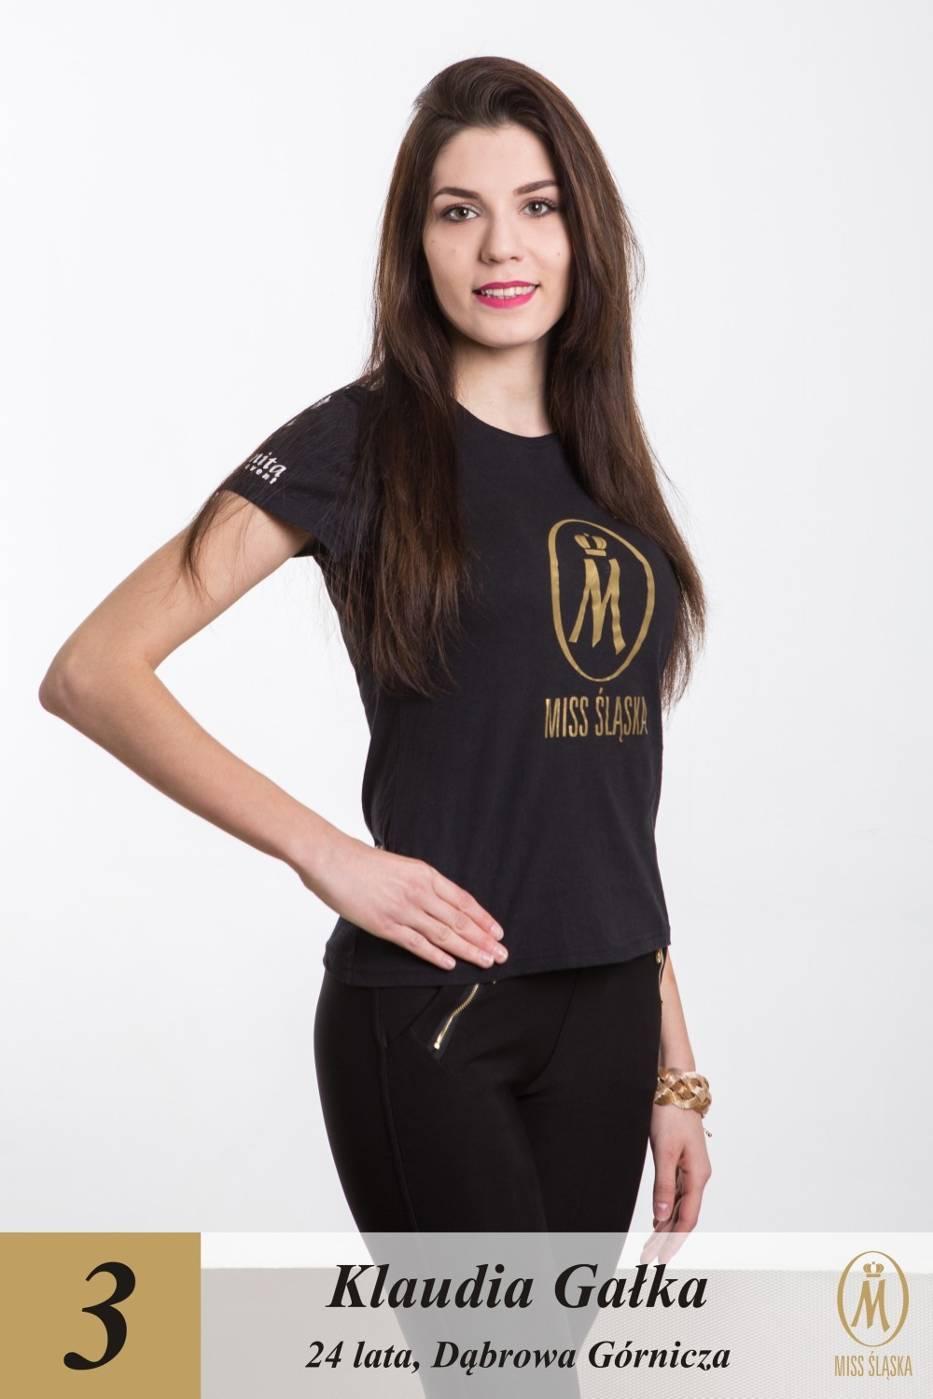 Która z dziewczyn powinna Twoim zdaniem wygrać konkurs Miss Śląska 2017? Oddaj swój głos! Kliknij:Miss Śląska 2017 - która kandydatka powinna wygrać? [GŁOSOWANIE]